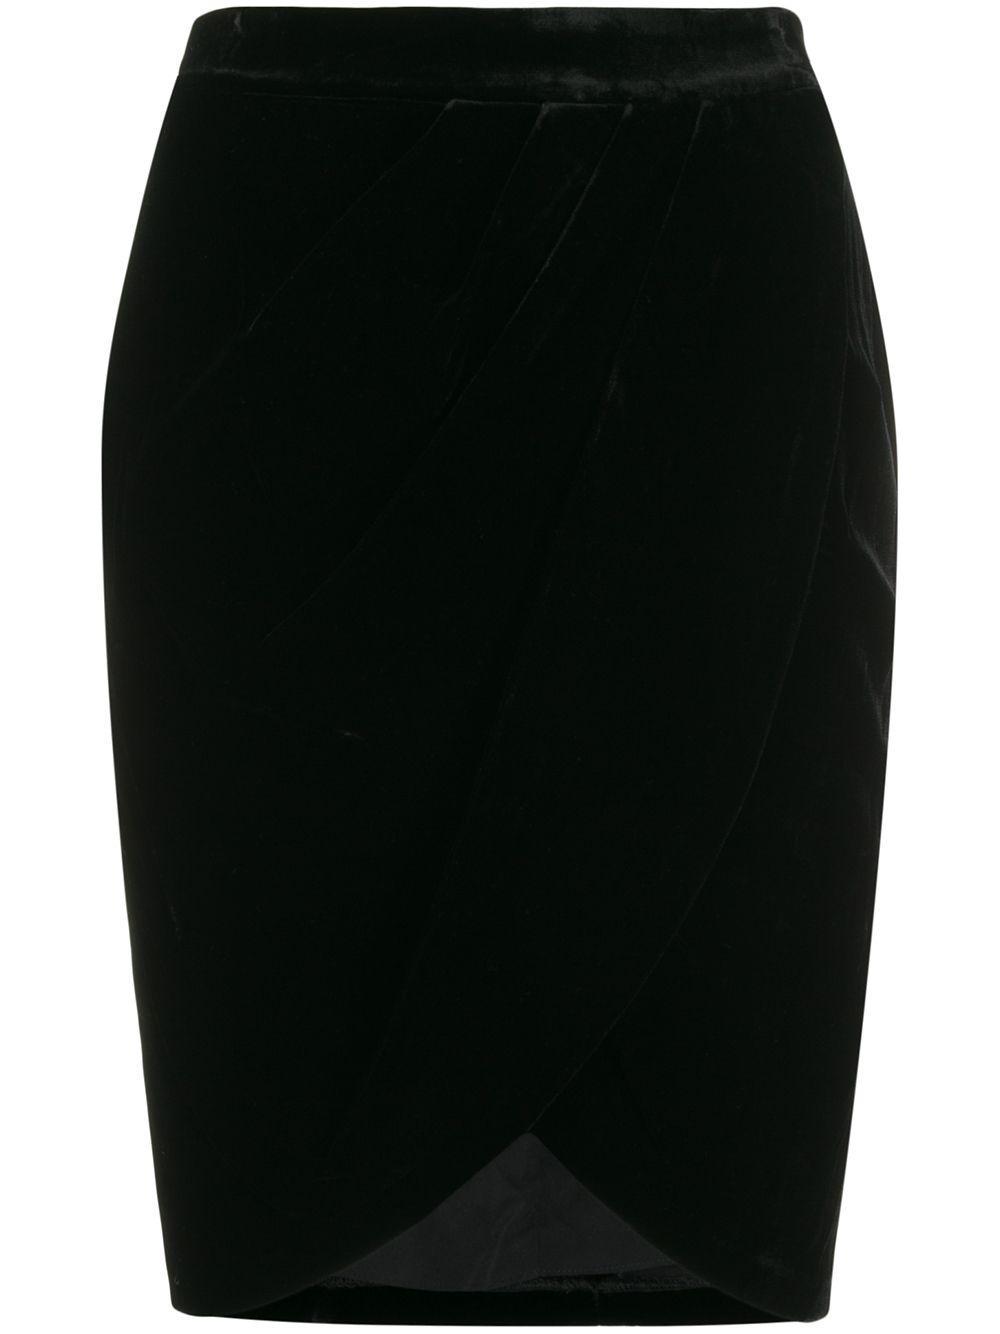 Veronica Beard velvet wrap skirt